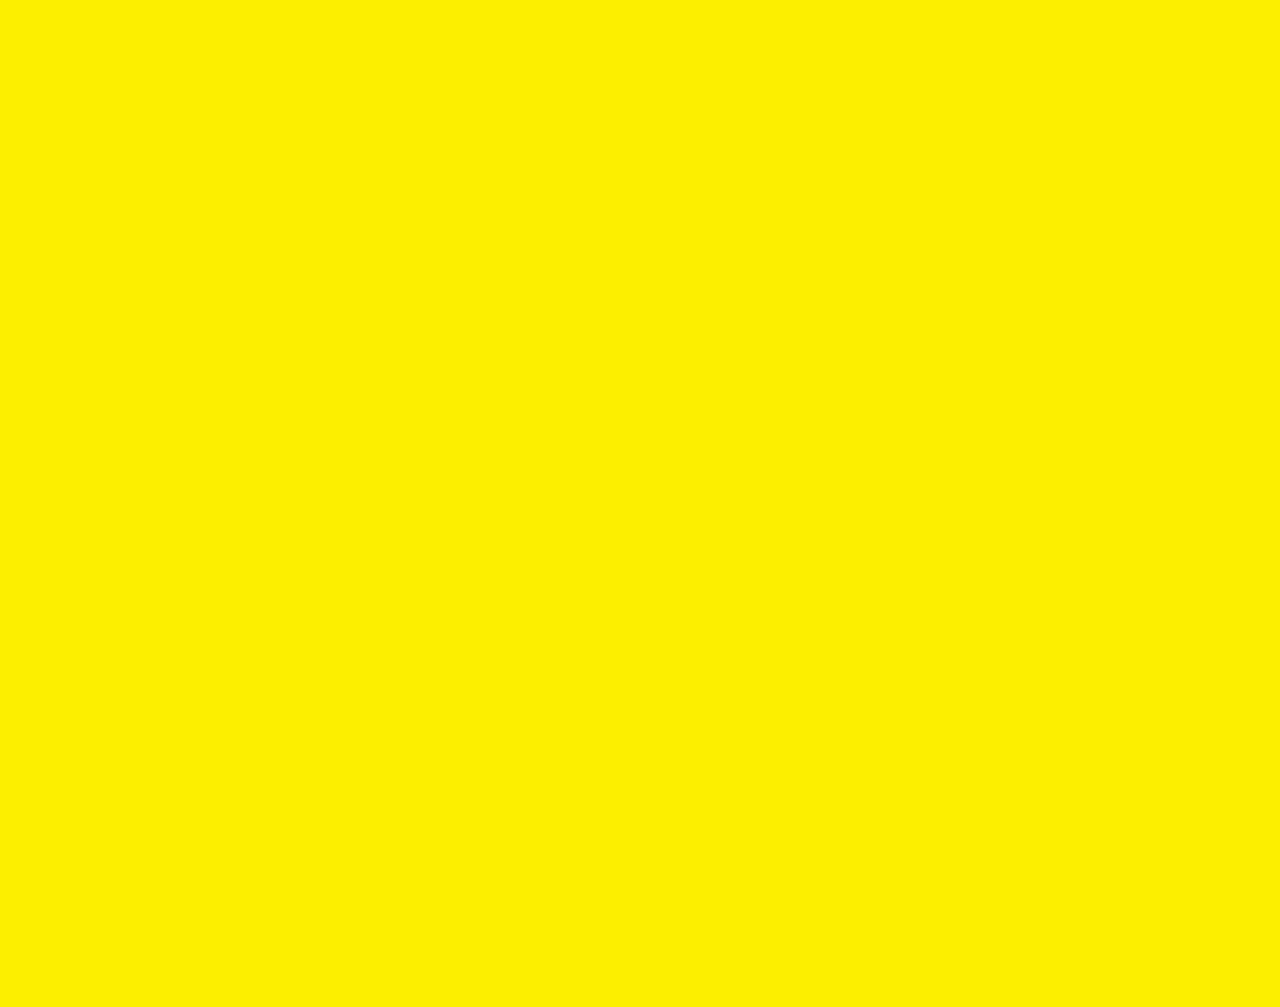 Neon Yellow Backgrounds 1280x1007